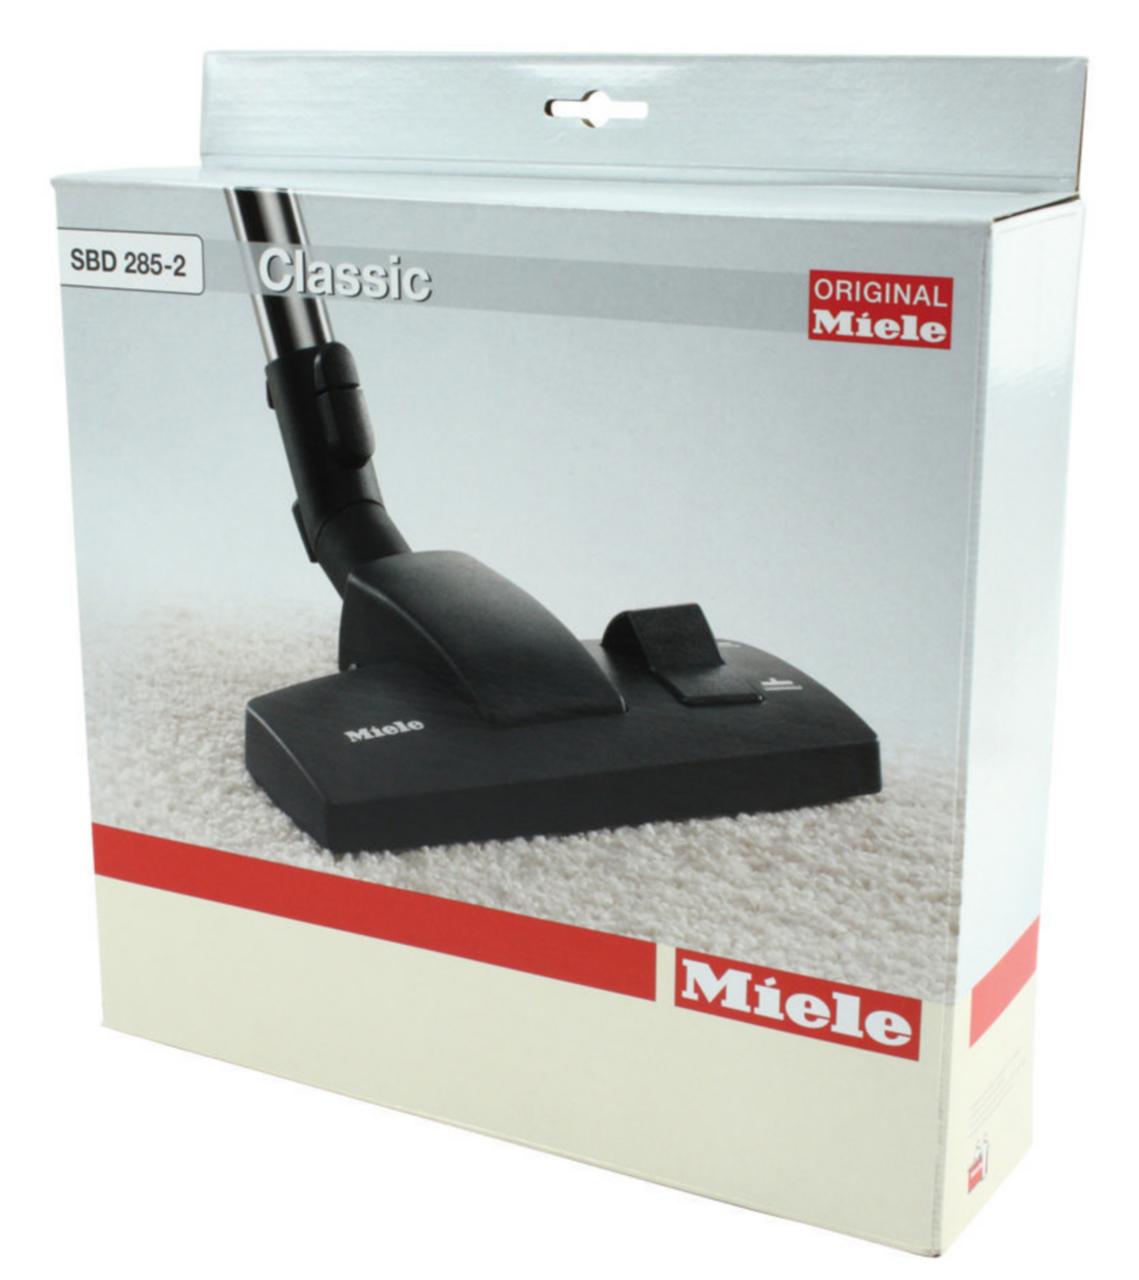 Kombinovaná podlahová hubice Miele Classic SBD 285-2 7253820